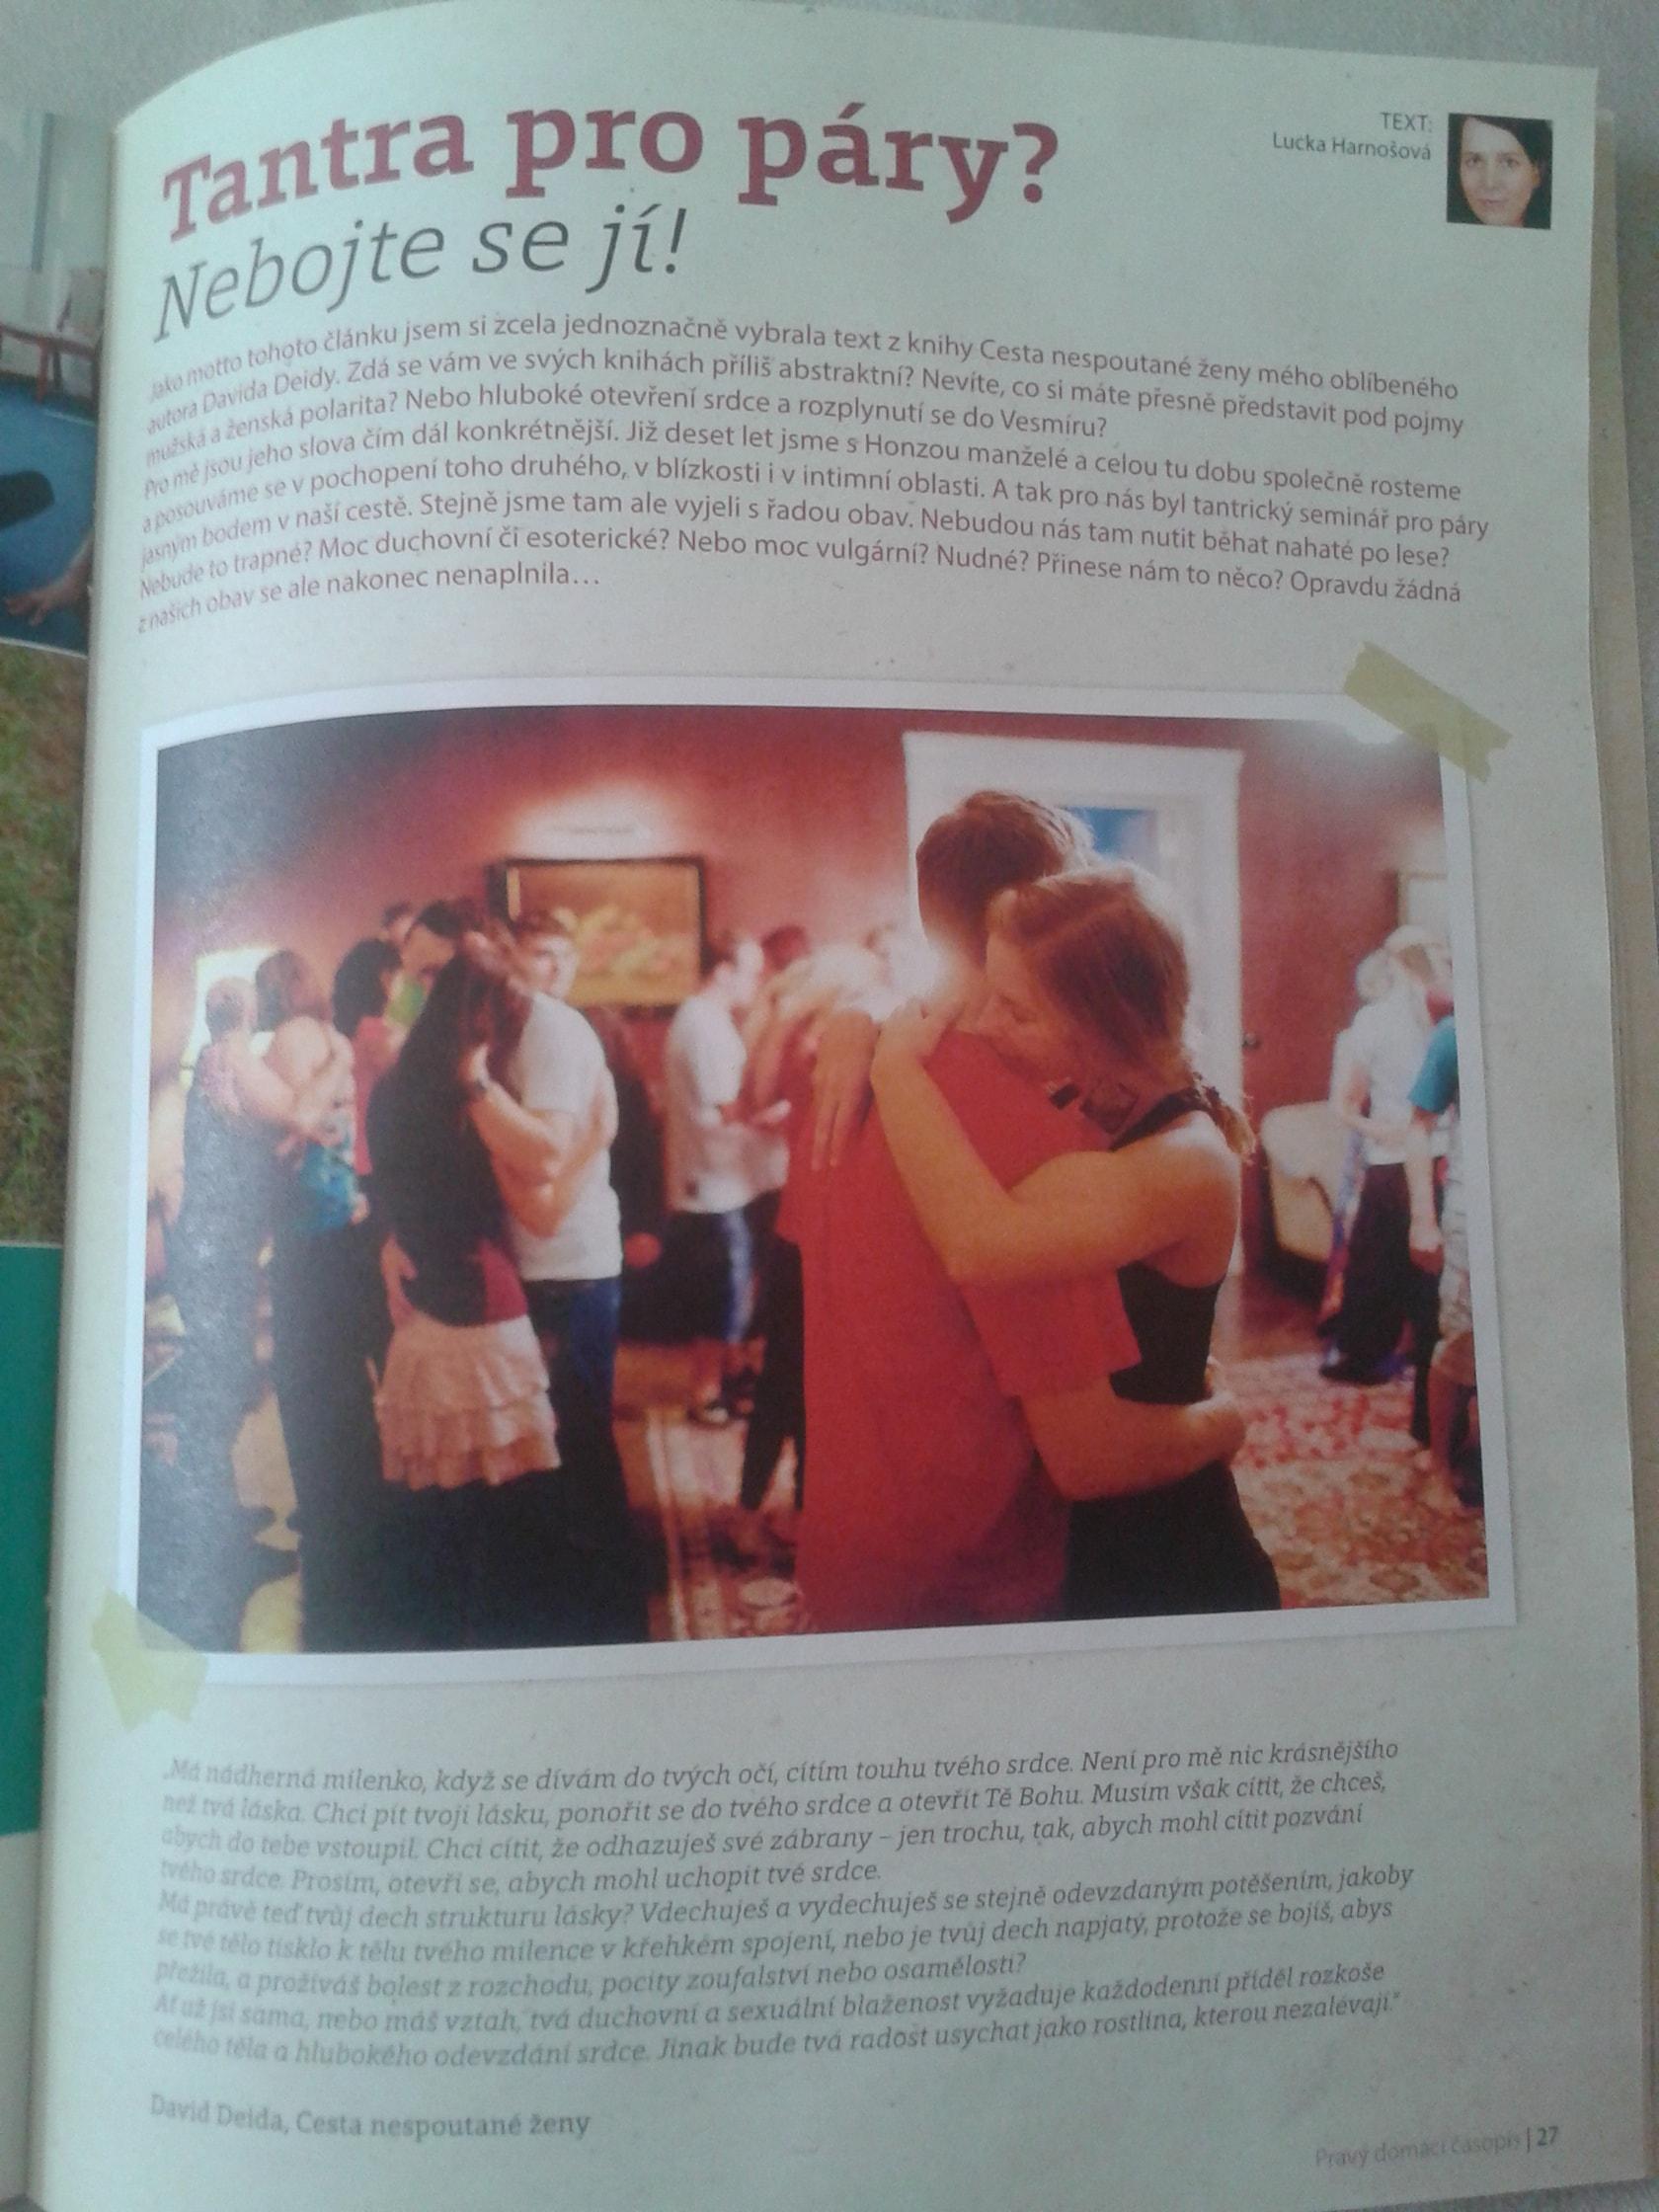 pravý domácí časopis, harnošovi, tantra 4